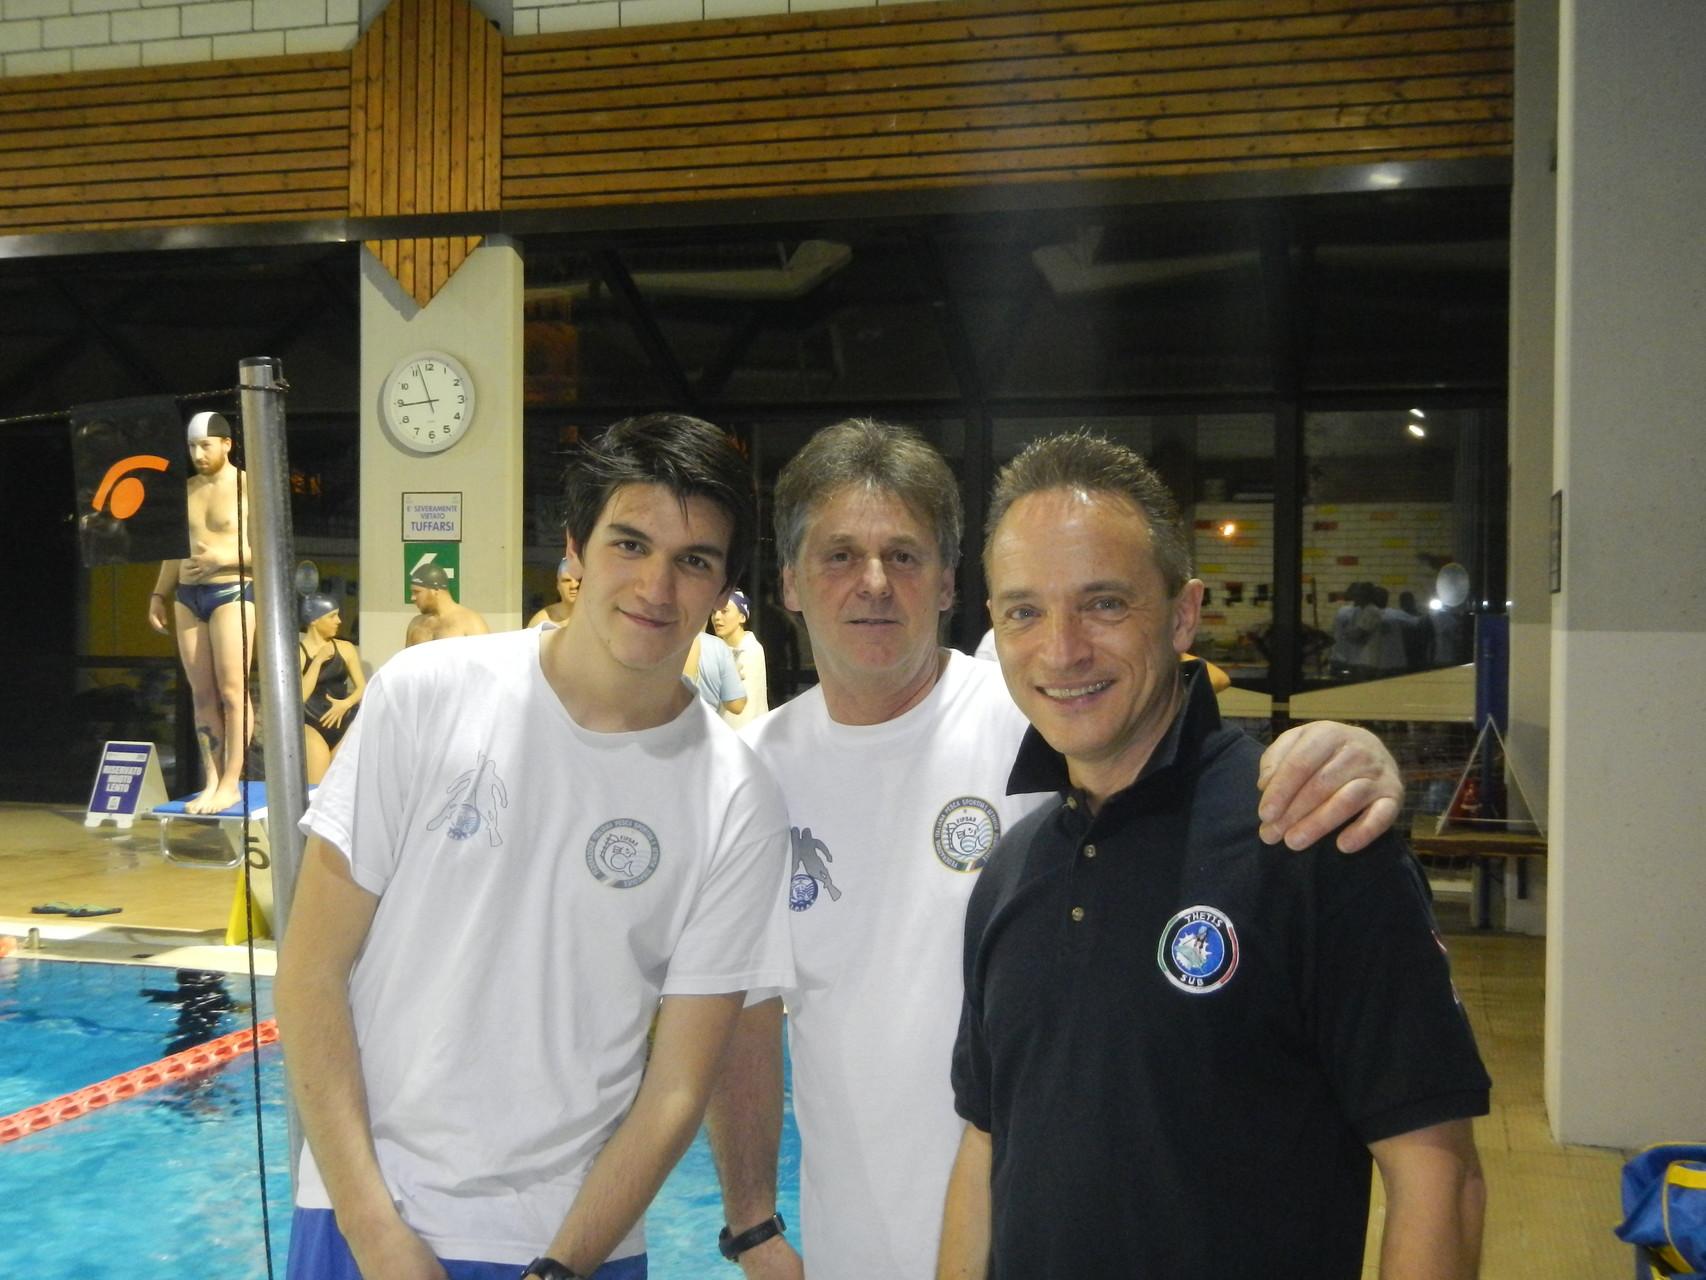 Giorgio Rigon con Marco Martorano e Roberto Caldini in un momento di pausa